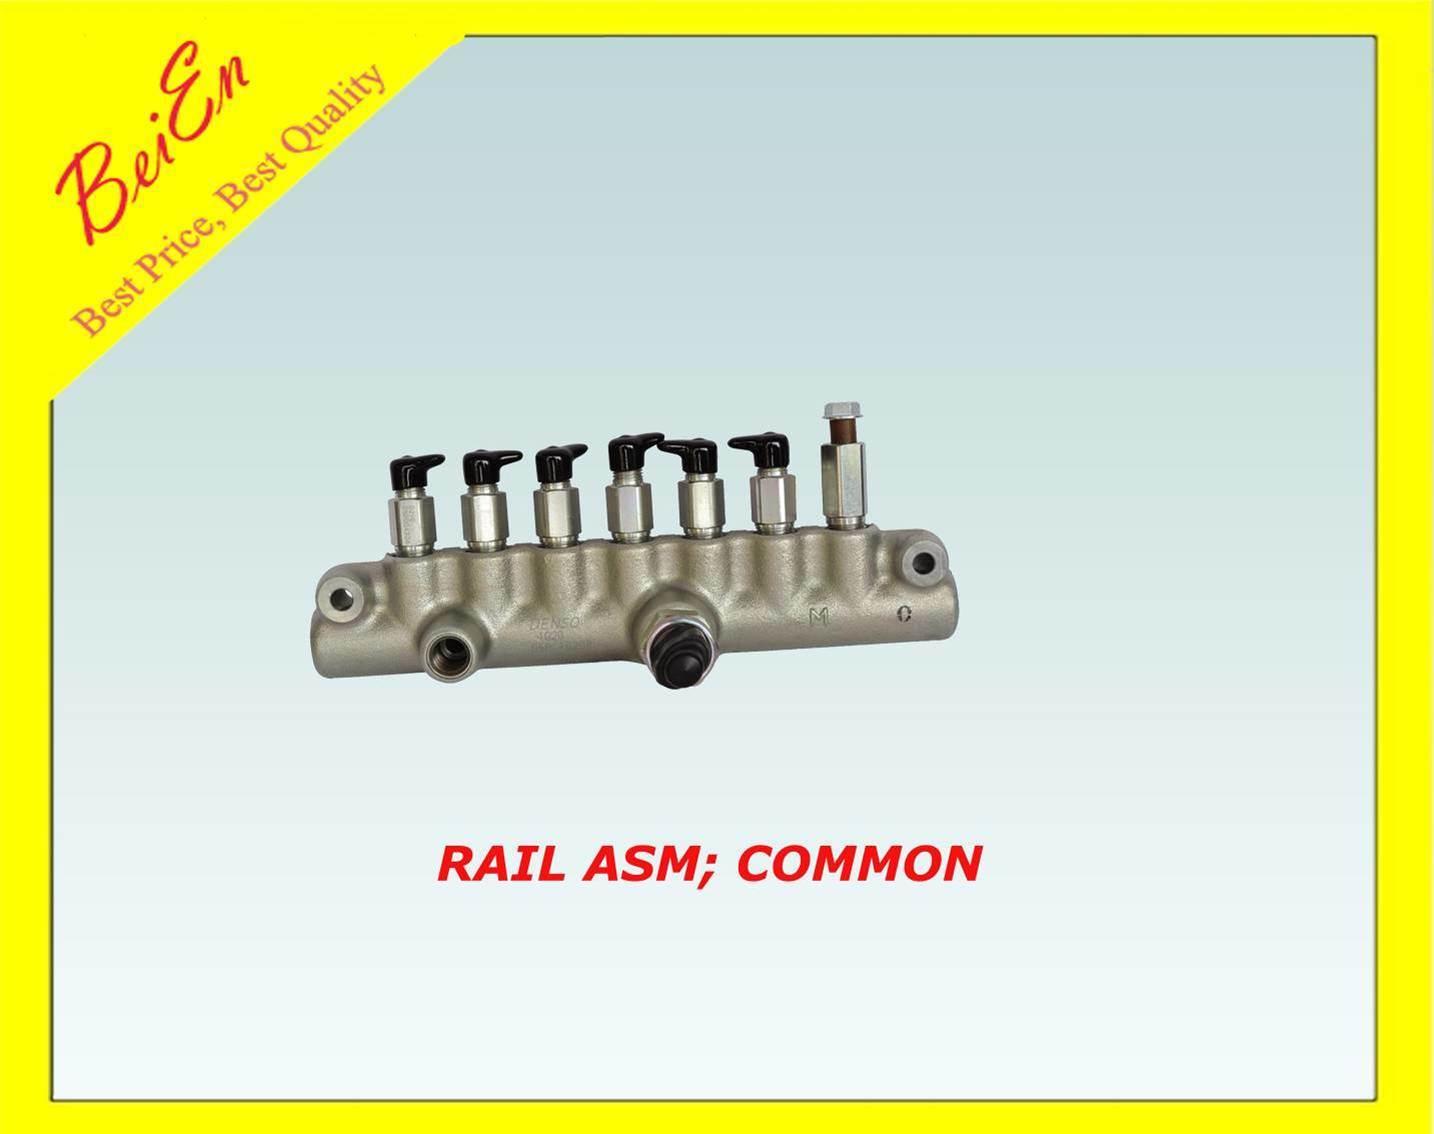 Common Rail Asm of Electronic Fuel Injection 4HK1/6HK1/6wg1/J05e/J08e